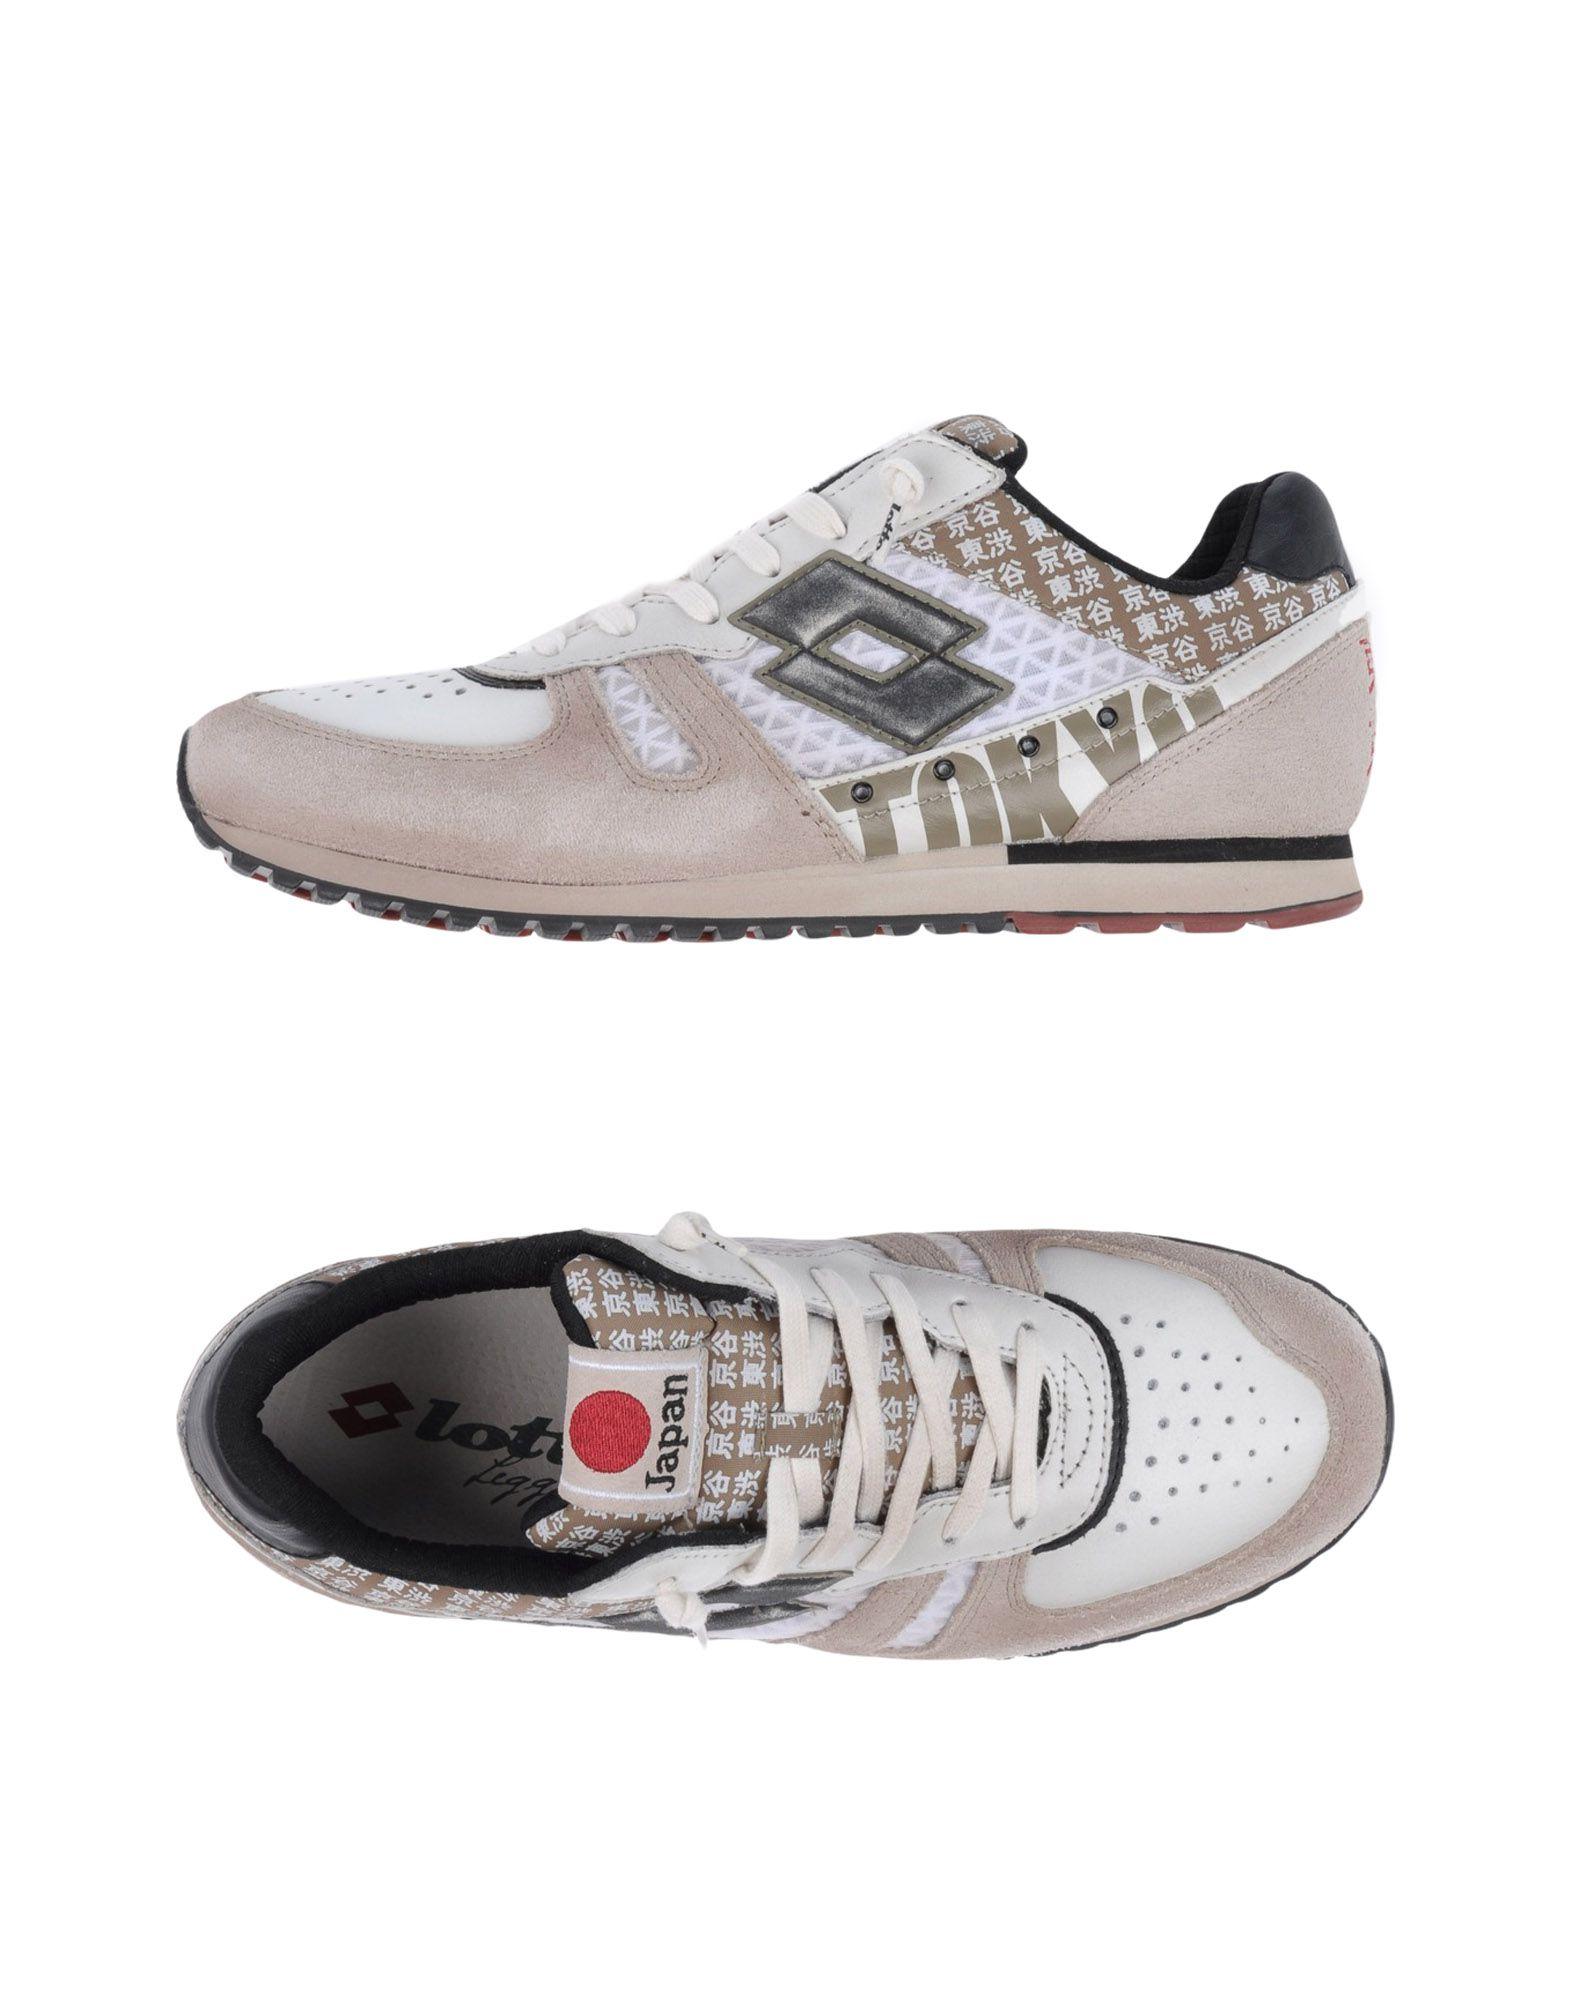 Lotto 11158197EN Leggenda Sneakers Herren  11158197EN Lotto ed573d